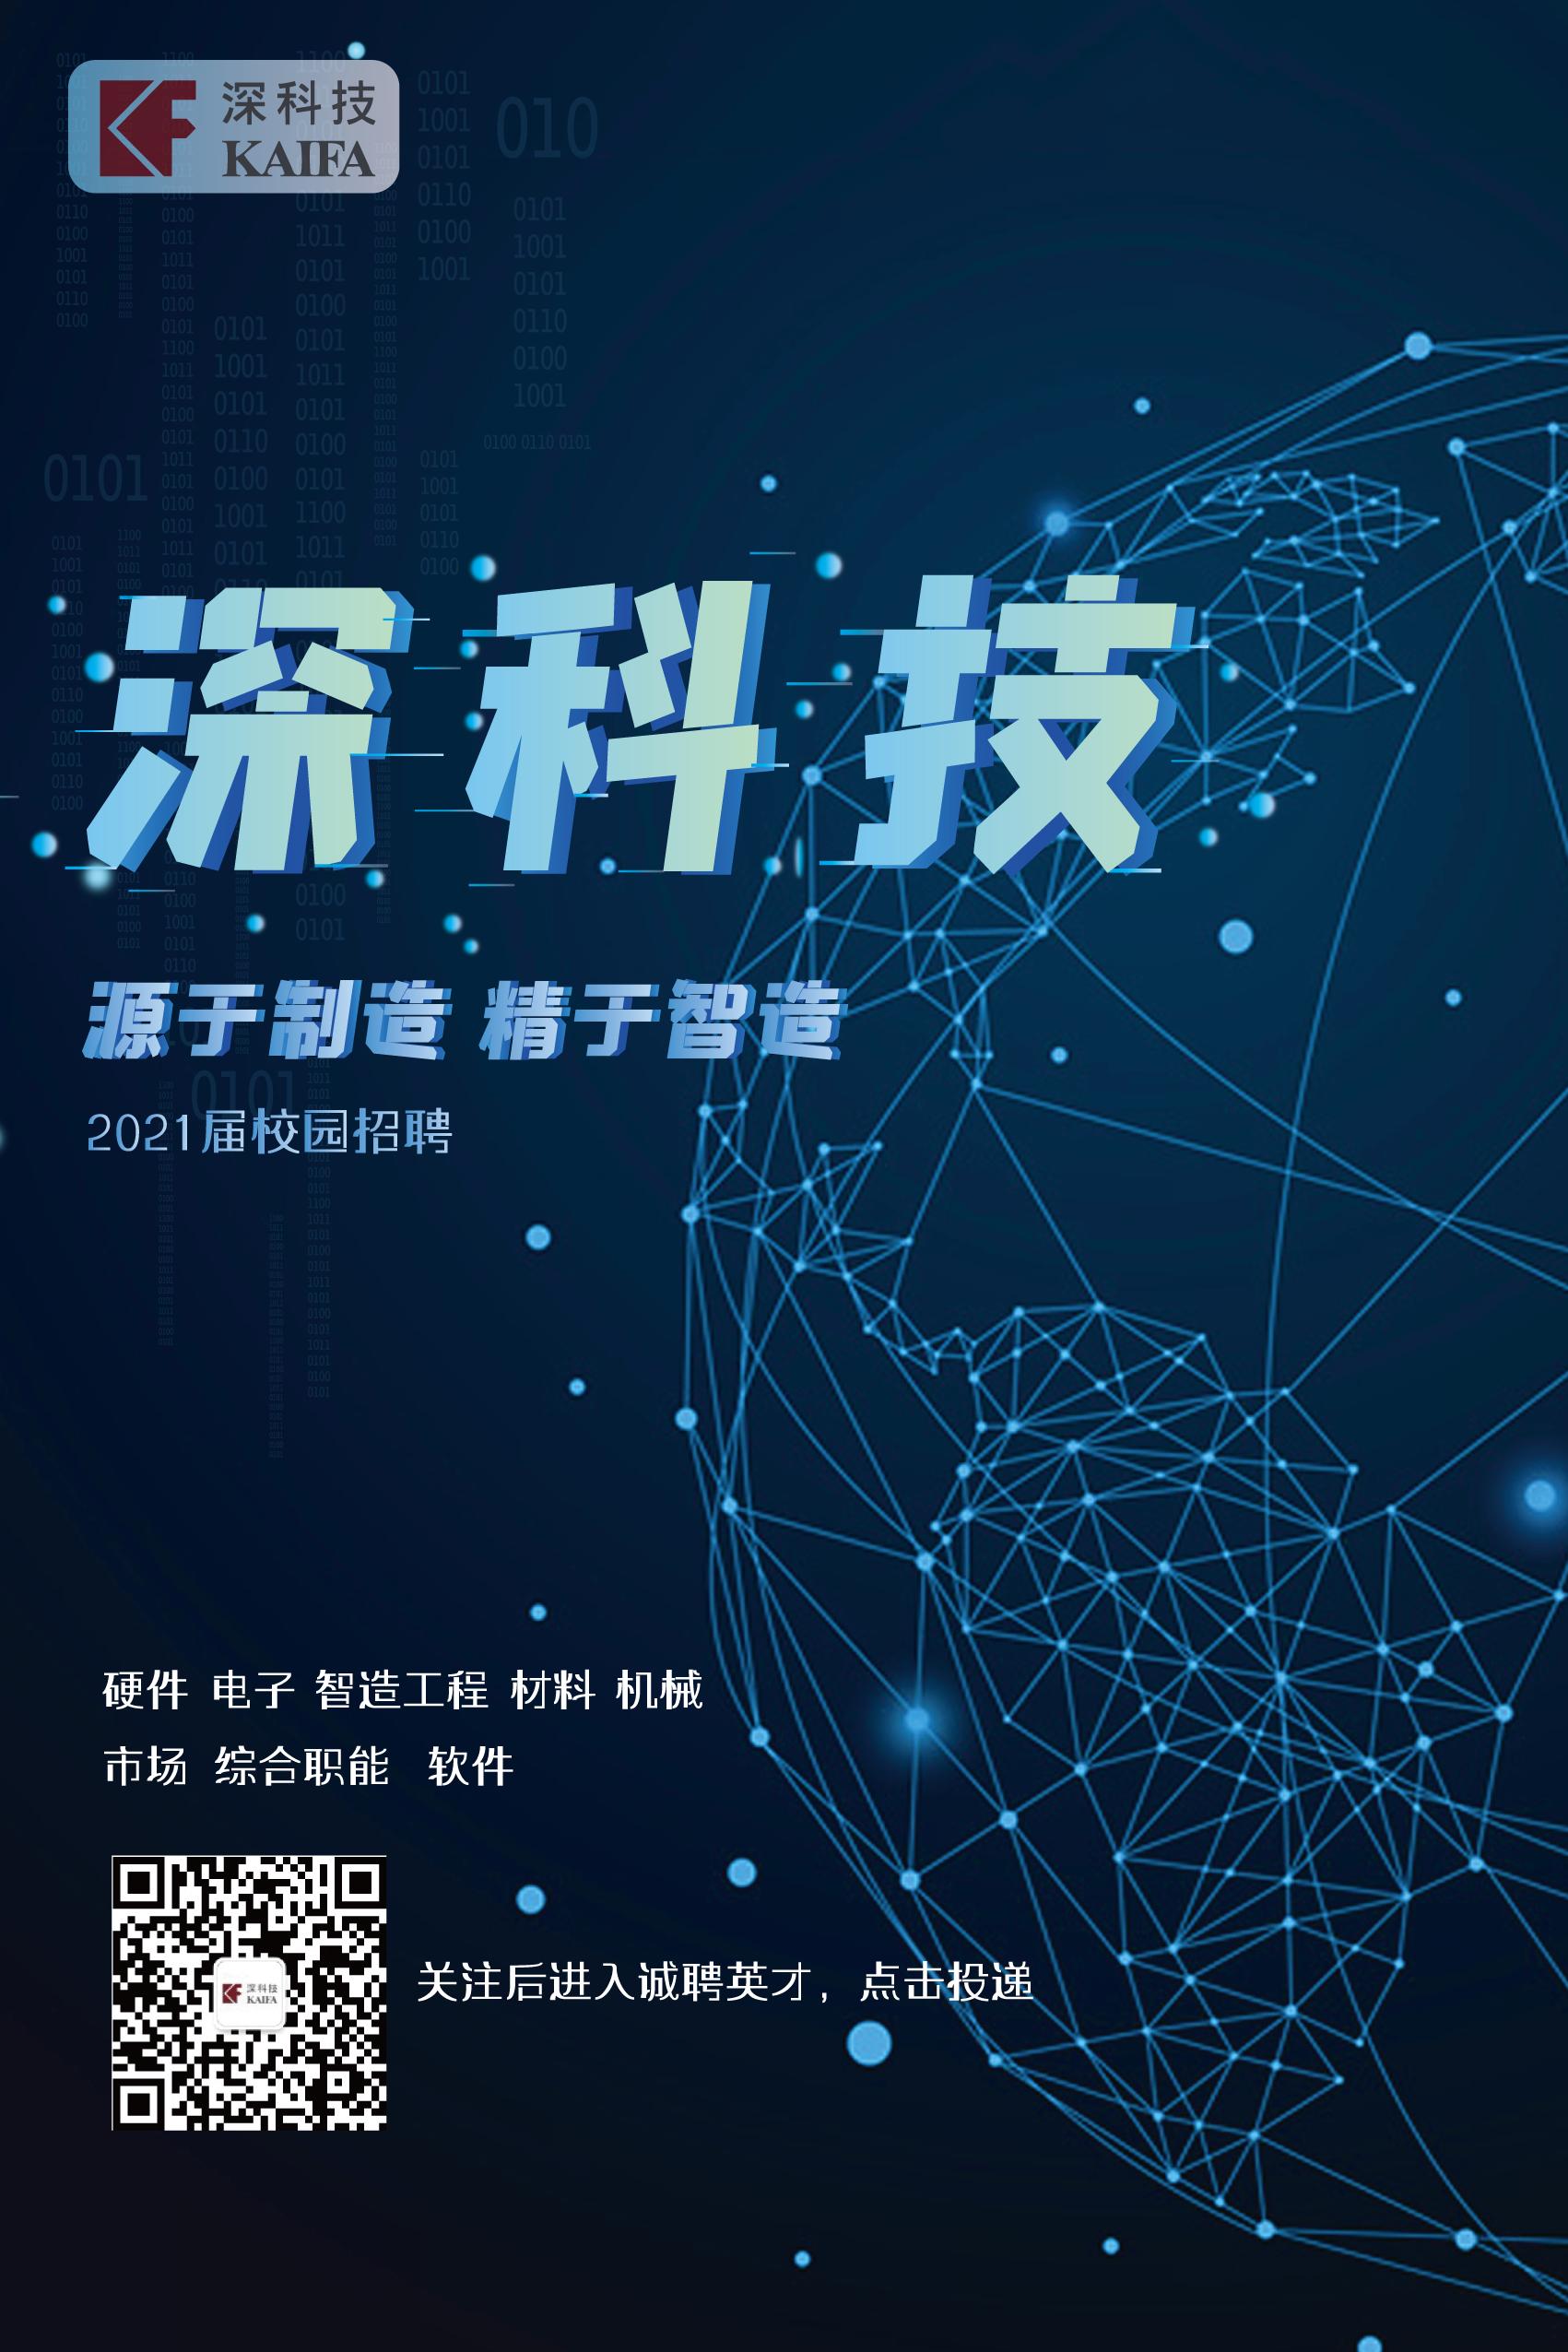 深圳长城开发科技股份有限公司宣讲会